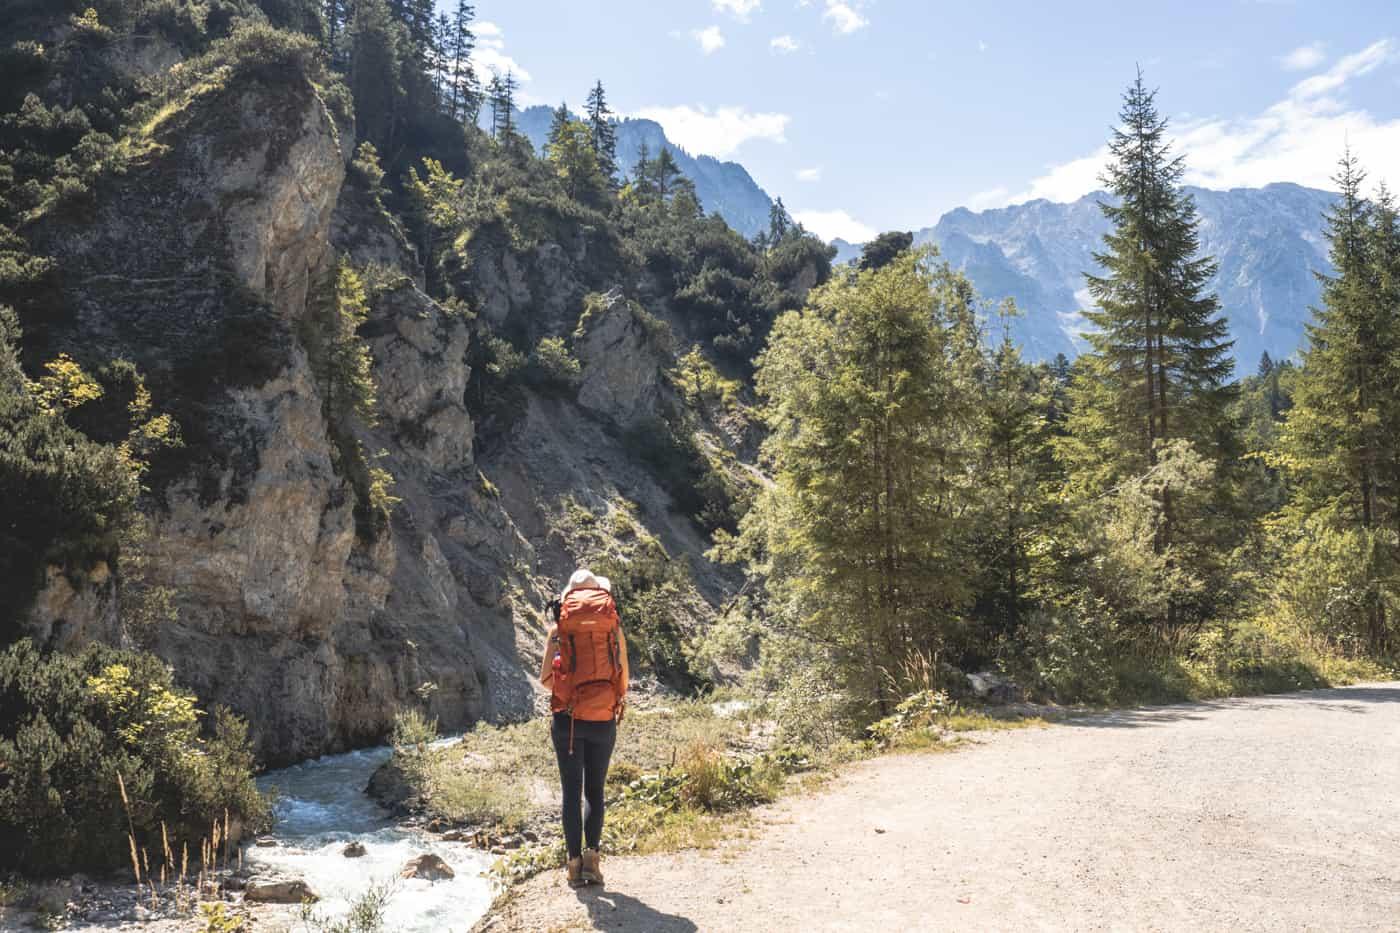 Lermoos - die schönsten Wanderungen & Ausflugsziele in der Zugspitz Region #5 - Partnachklamm